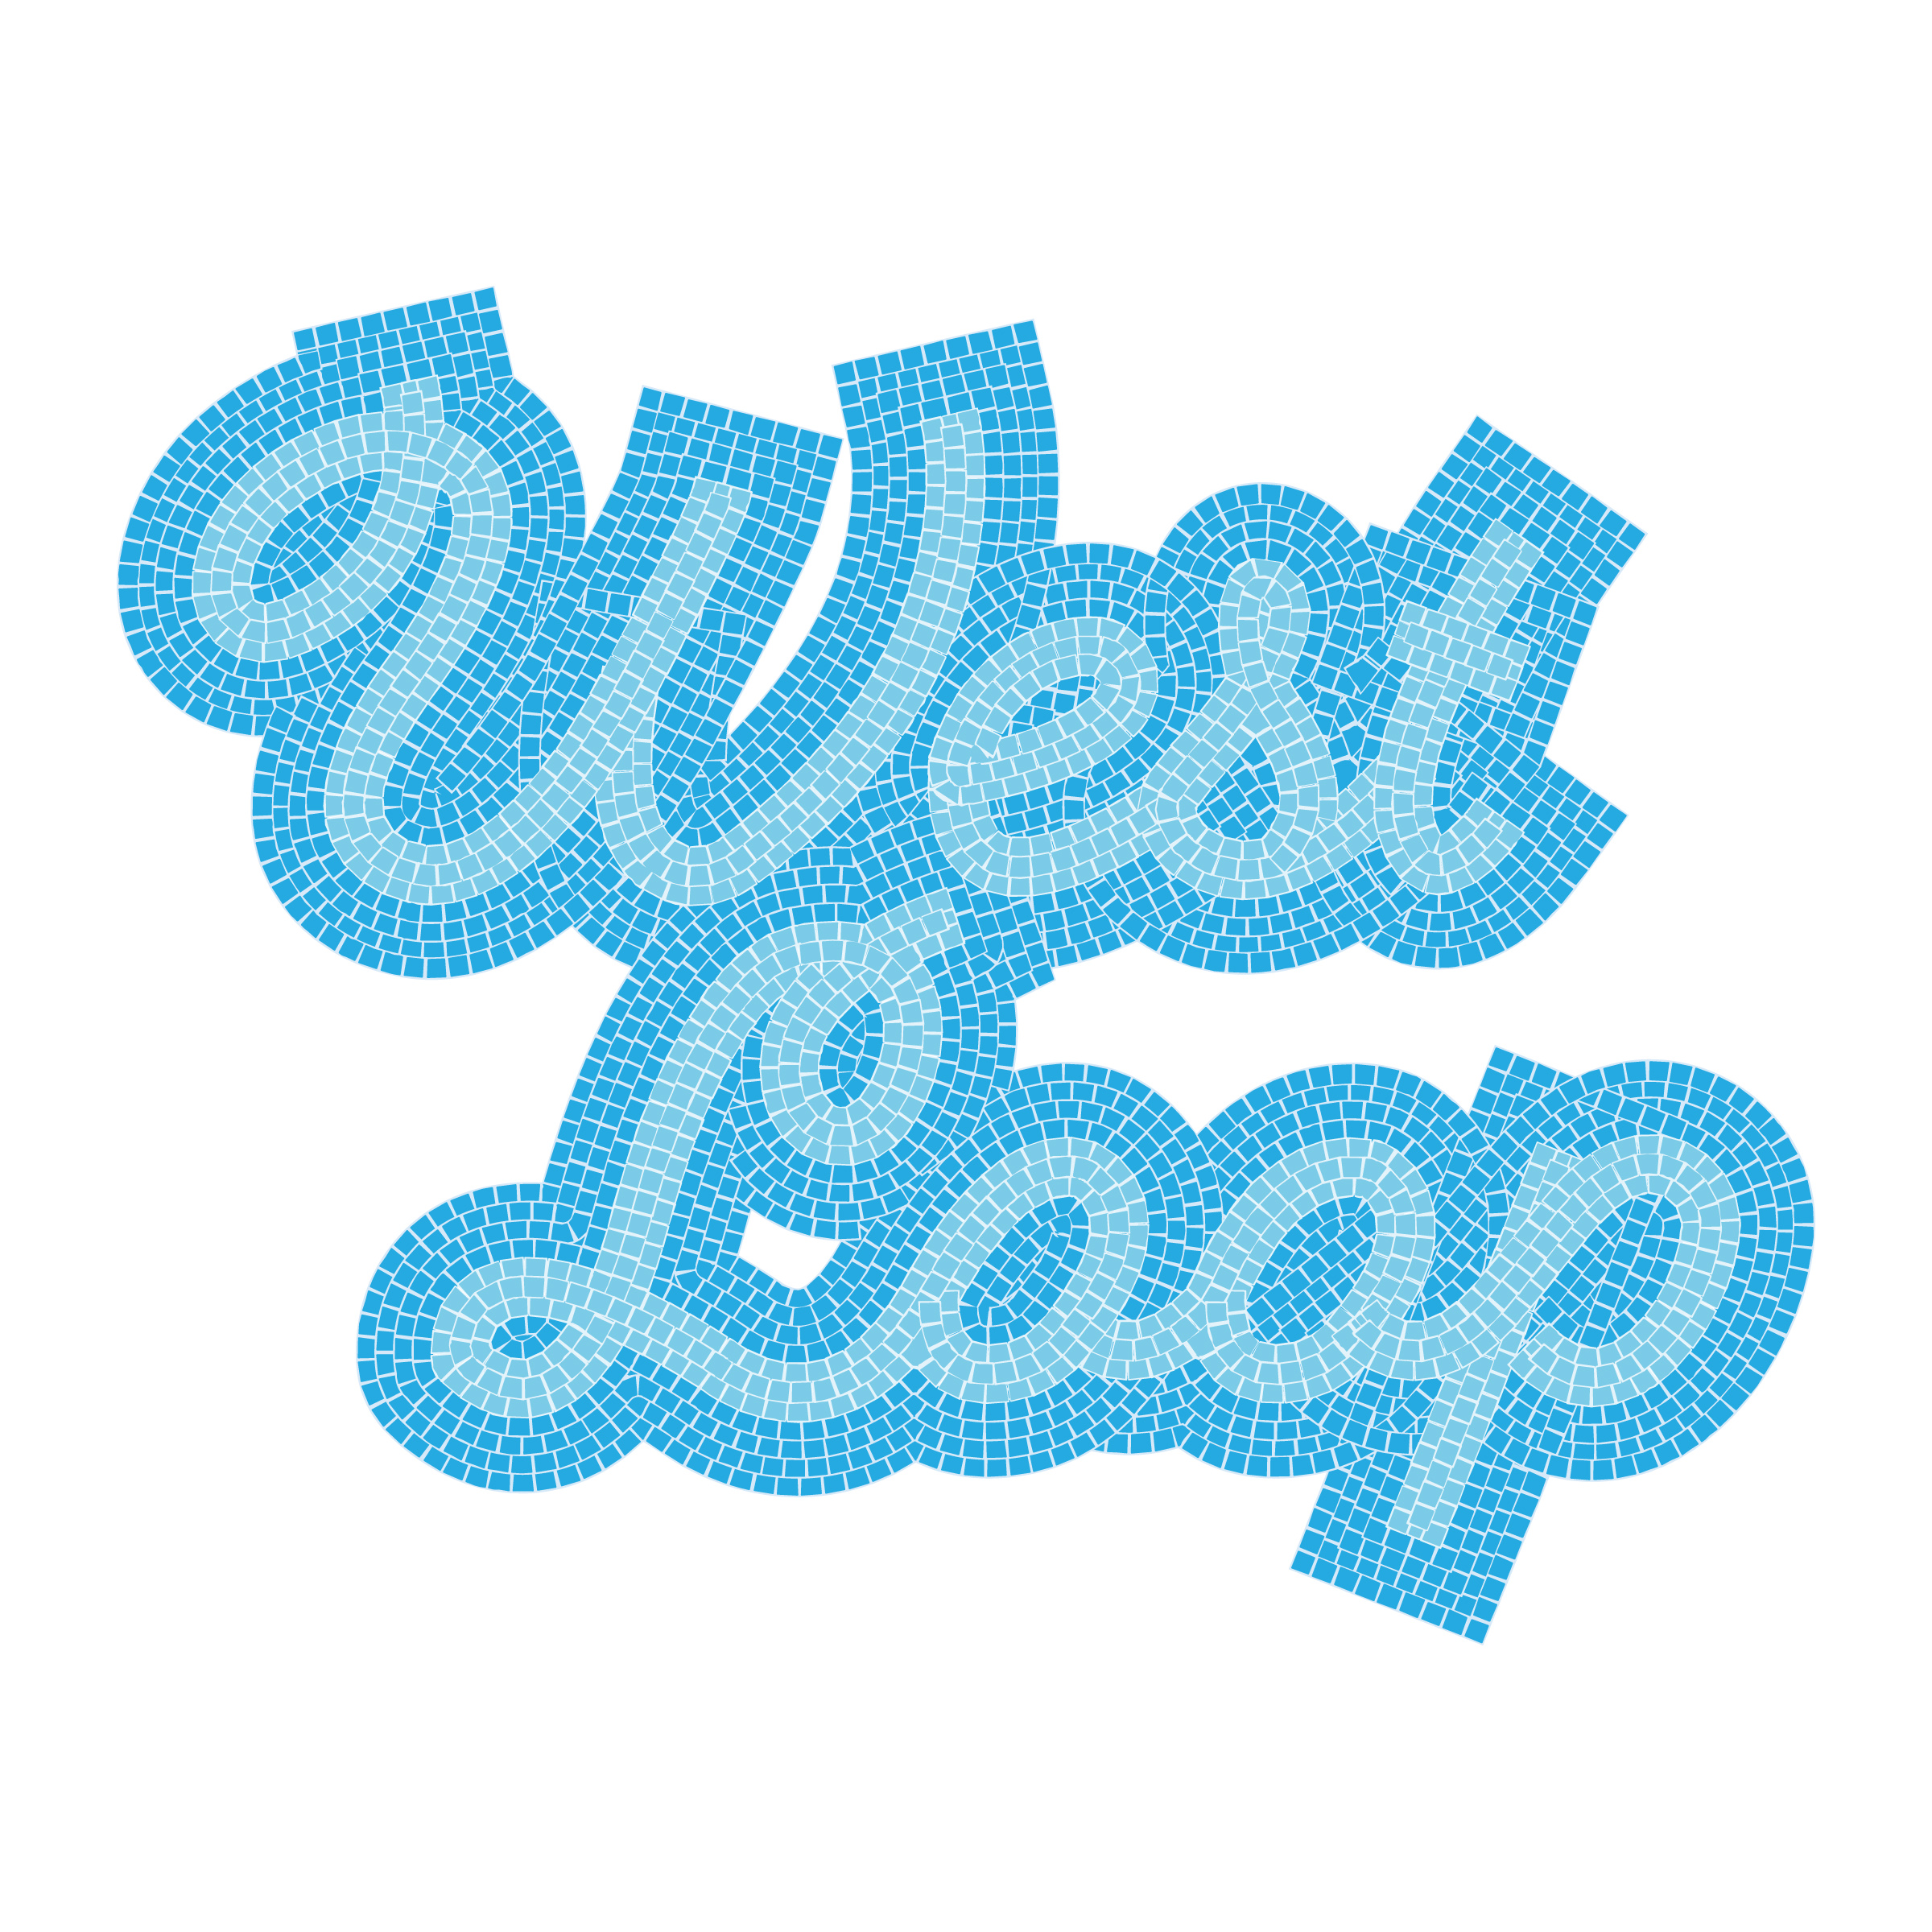 Mosaic_WestLoop.jpg